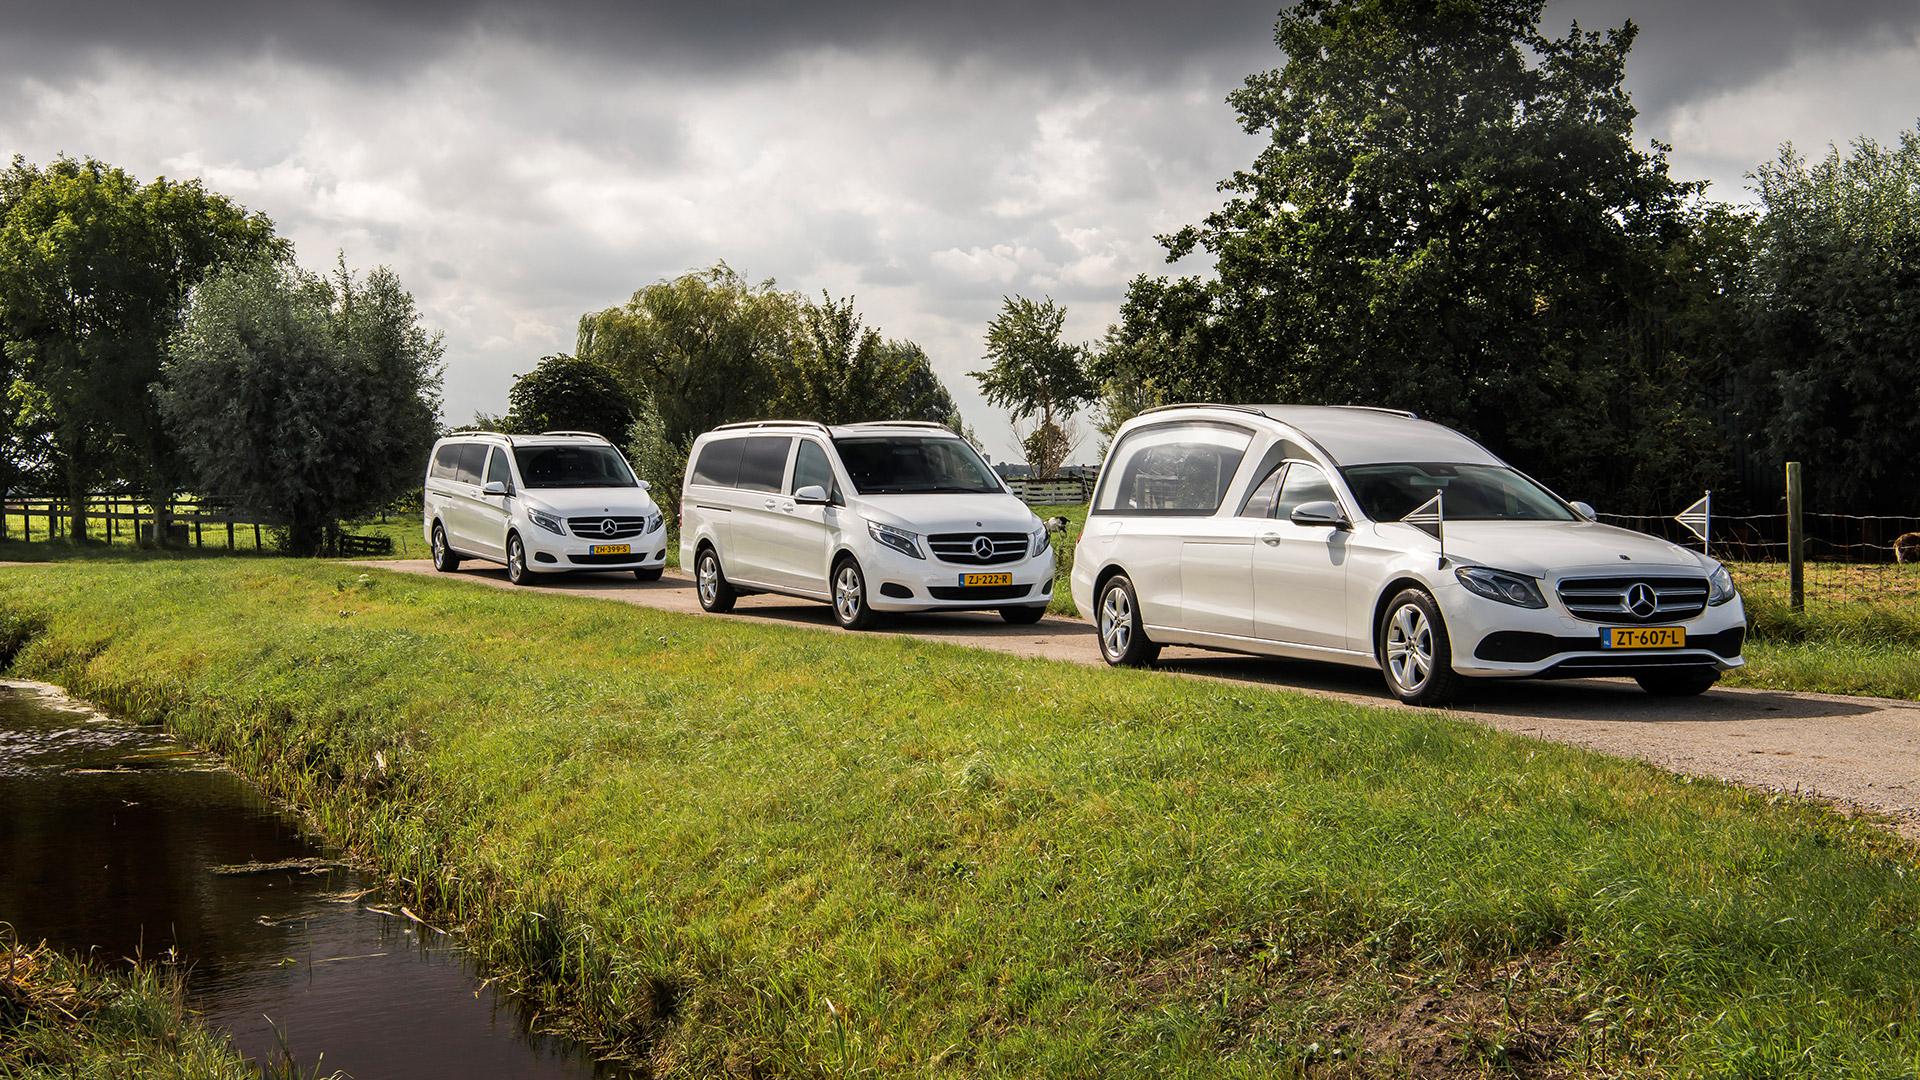 Moderne witte rouwstoet bestaande uit een witte Mercedes begrafenisauto en twee luxe V-klasse volgauto's die de overledene en nabestaanden vervoeren naar de begrafenis, crematie of uitvaart.